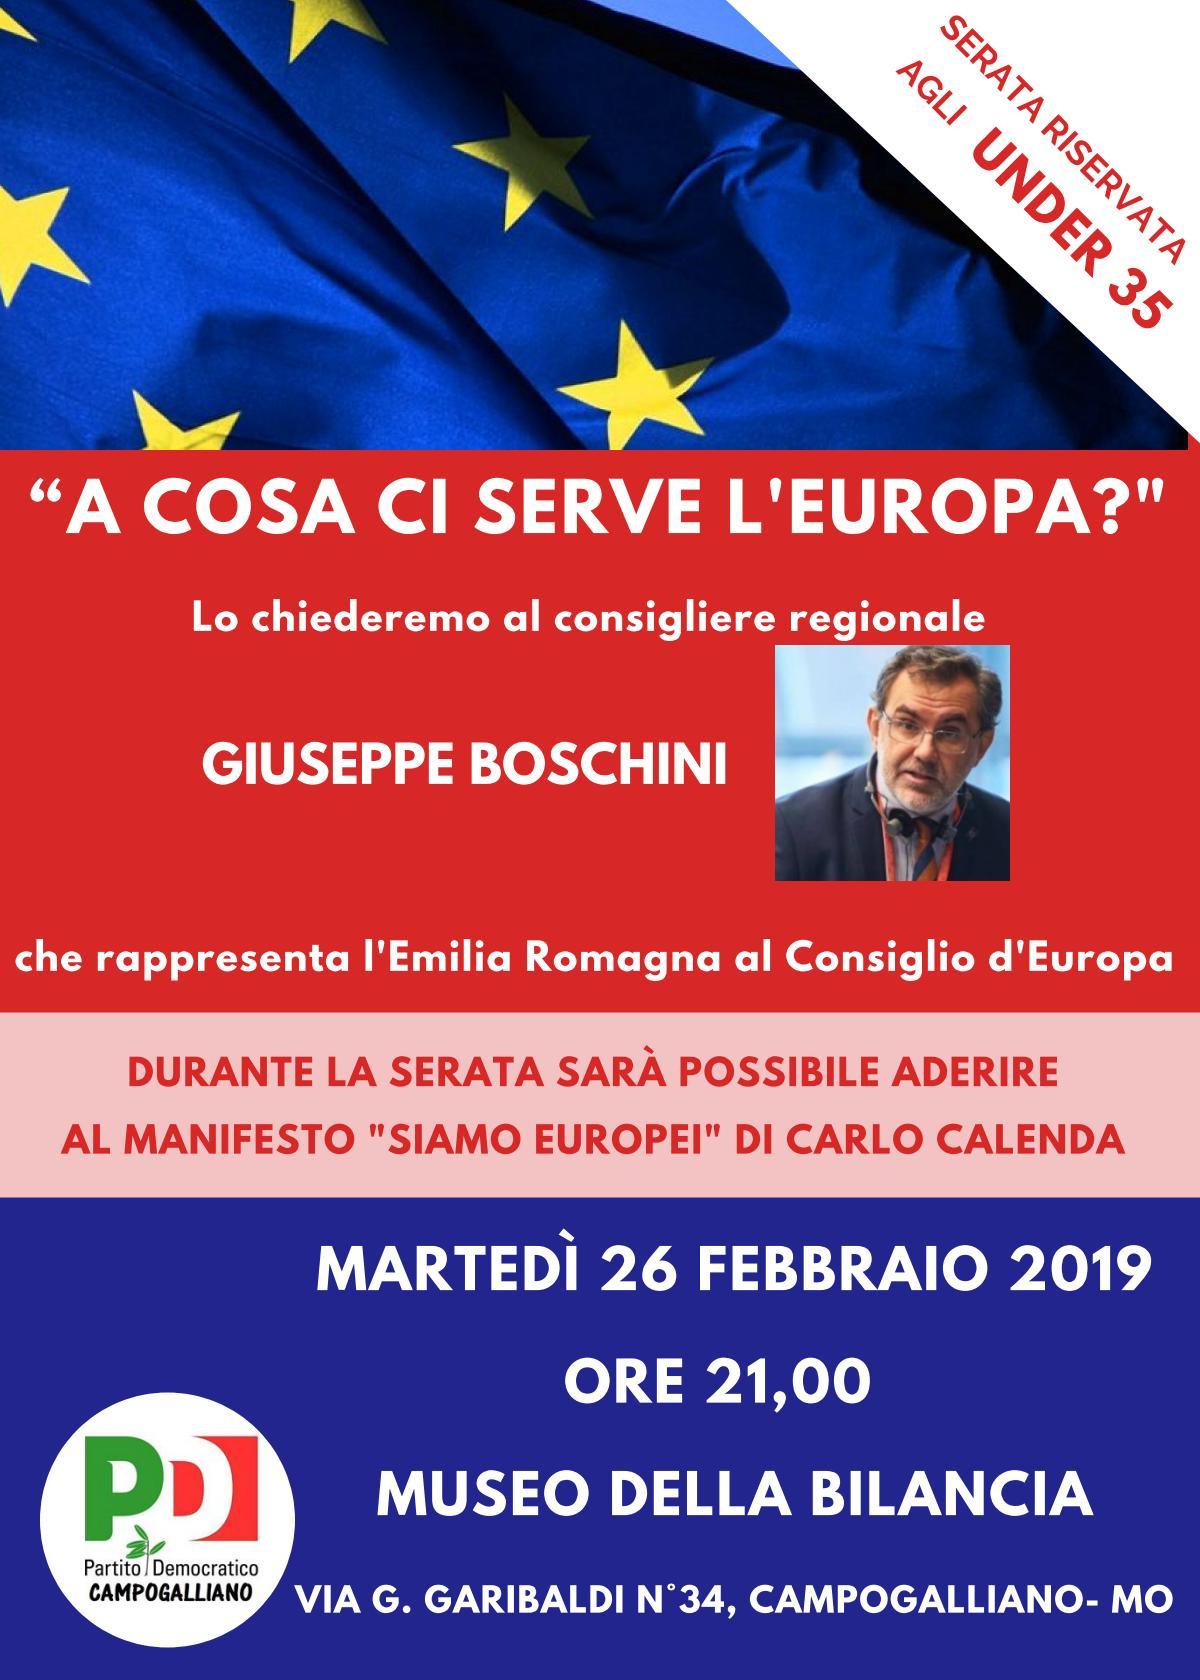 Campogalliano, 26 febbraio